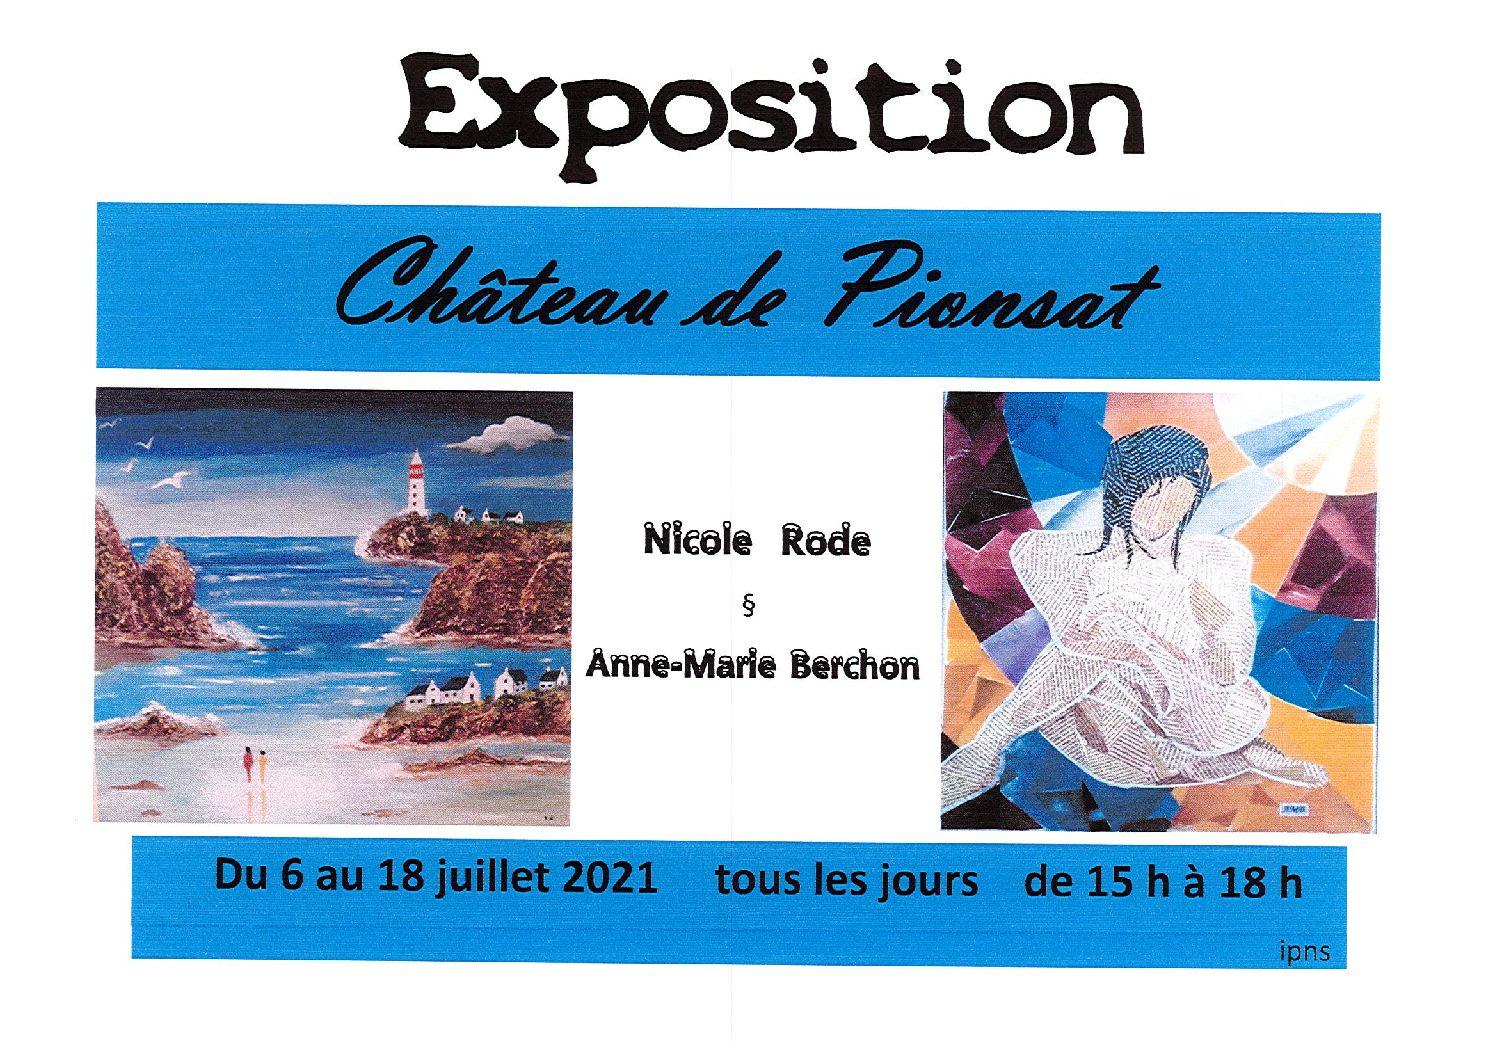 EXPOSITION AU CHATEAU DE PIONSAT